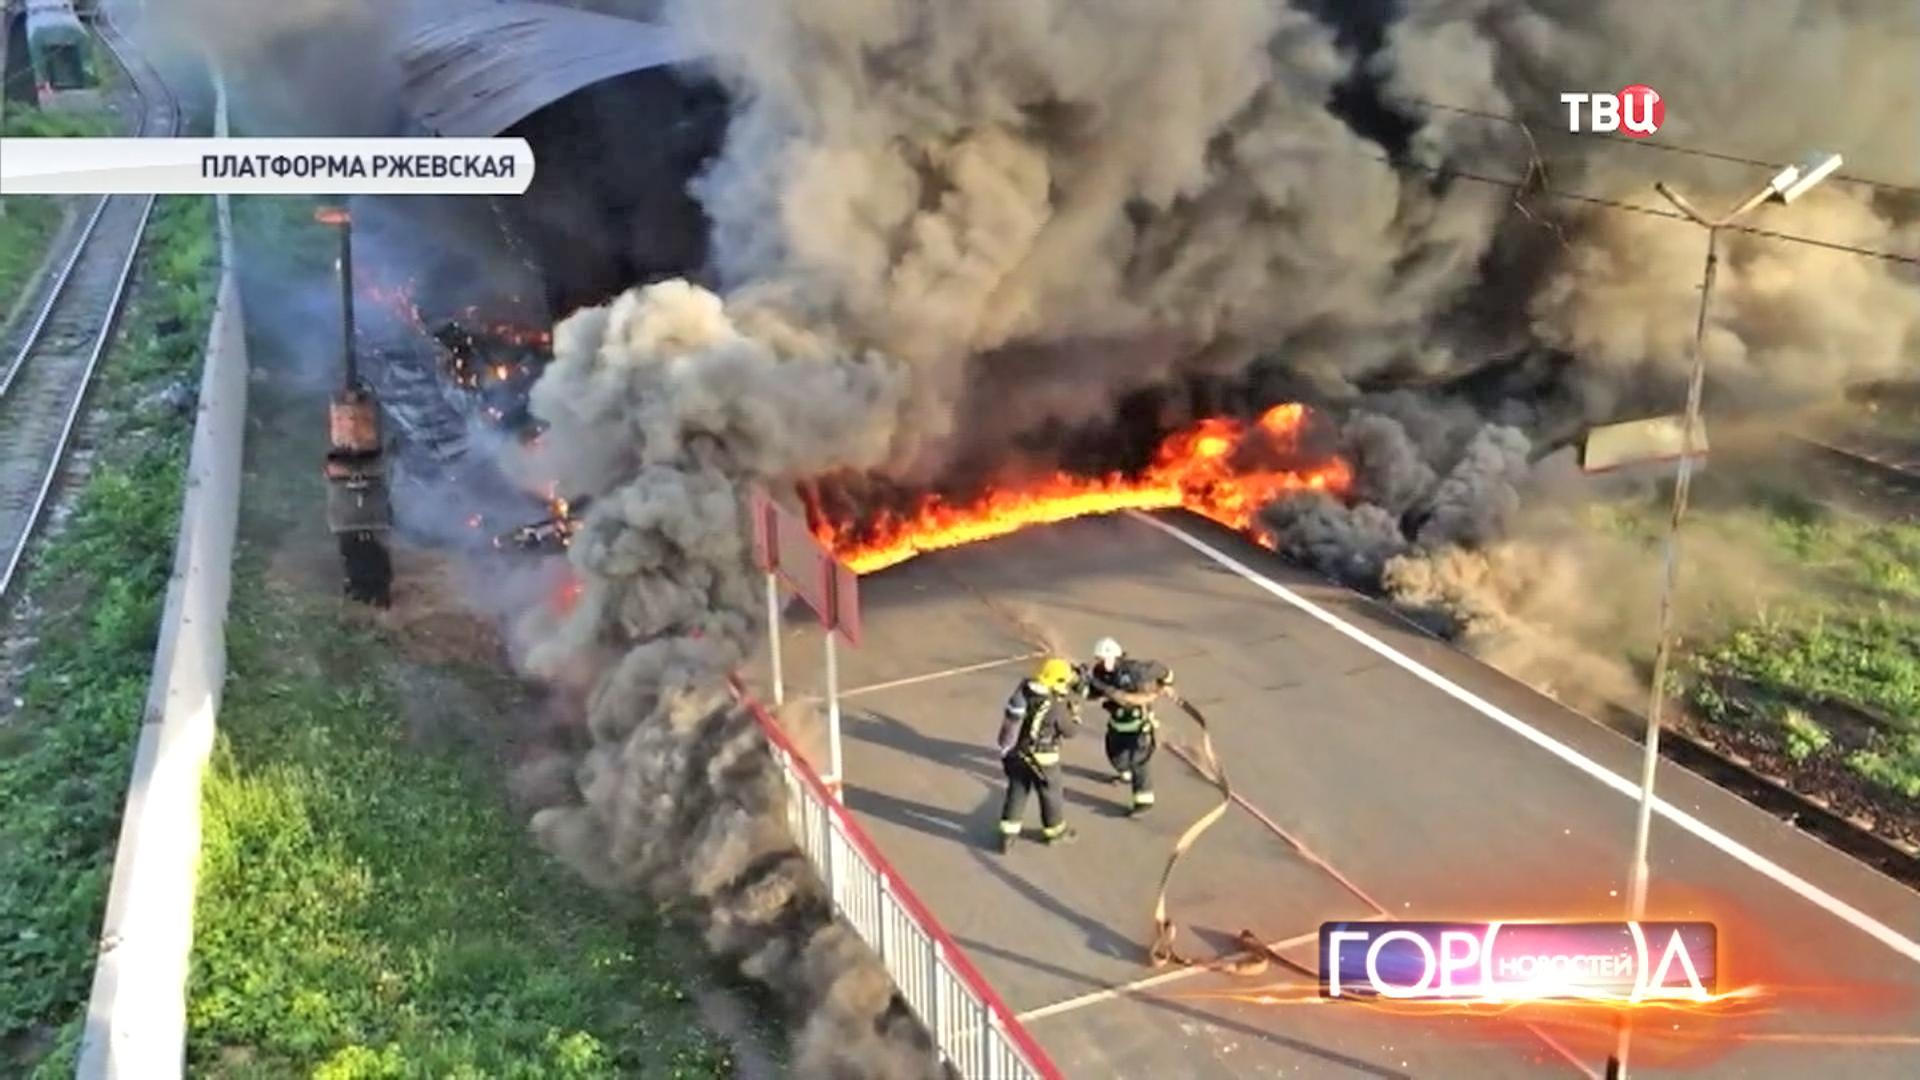 """Пожар на платформе """"Ржевская"""""""